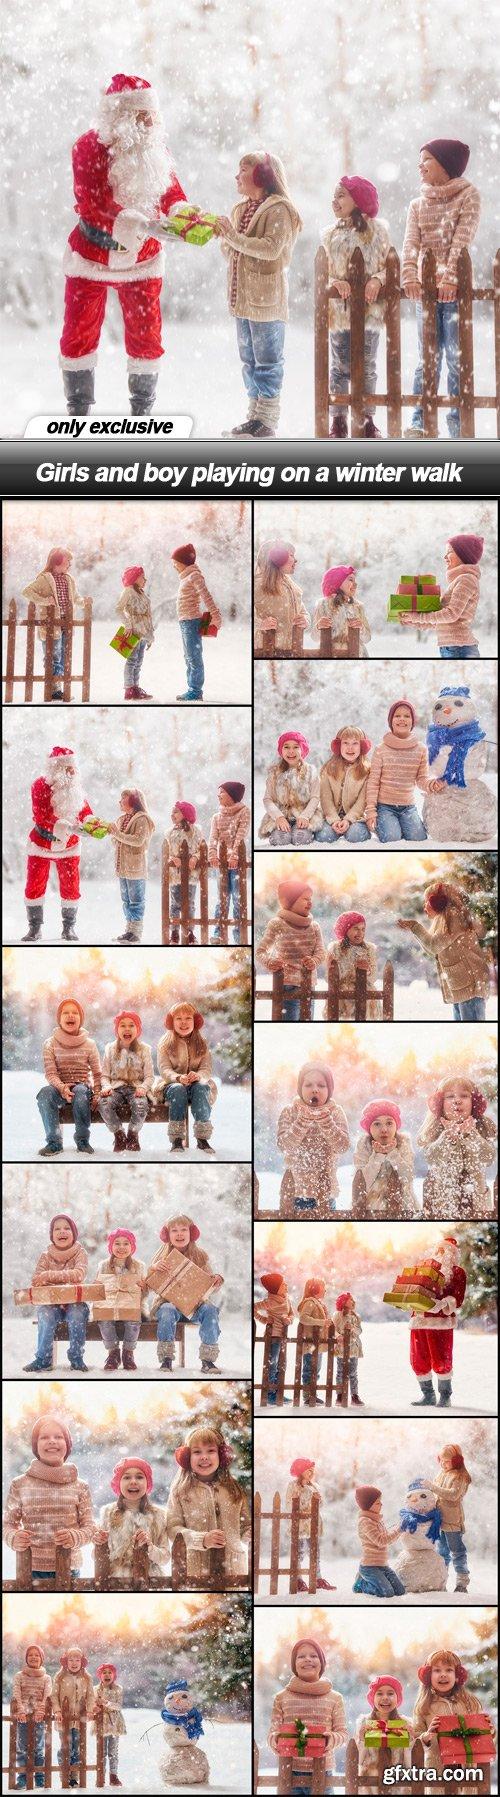 Girls and boy playing on a winter walk - 13 UHQ JPEG